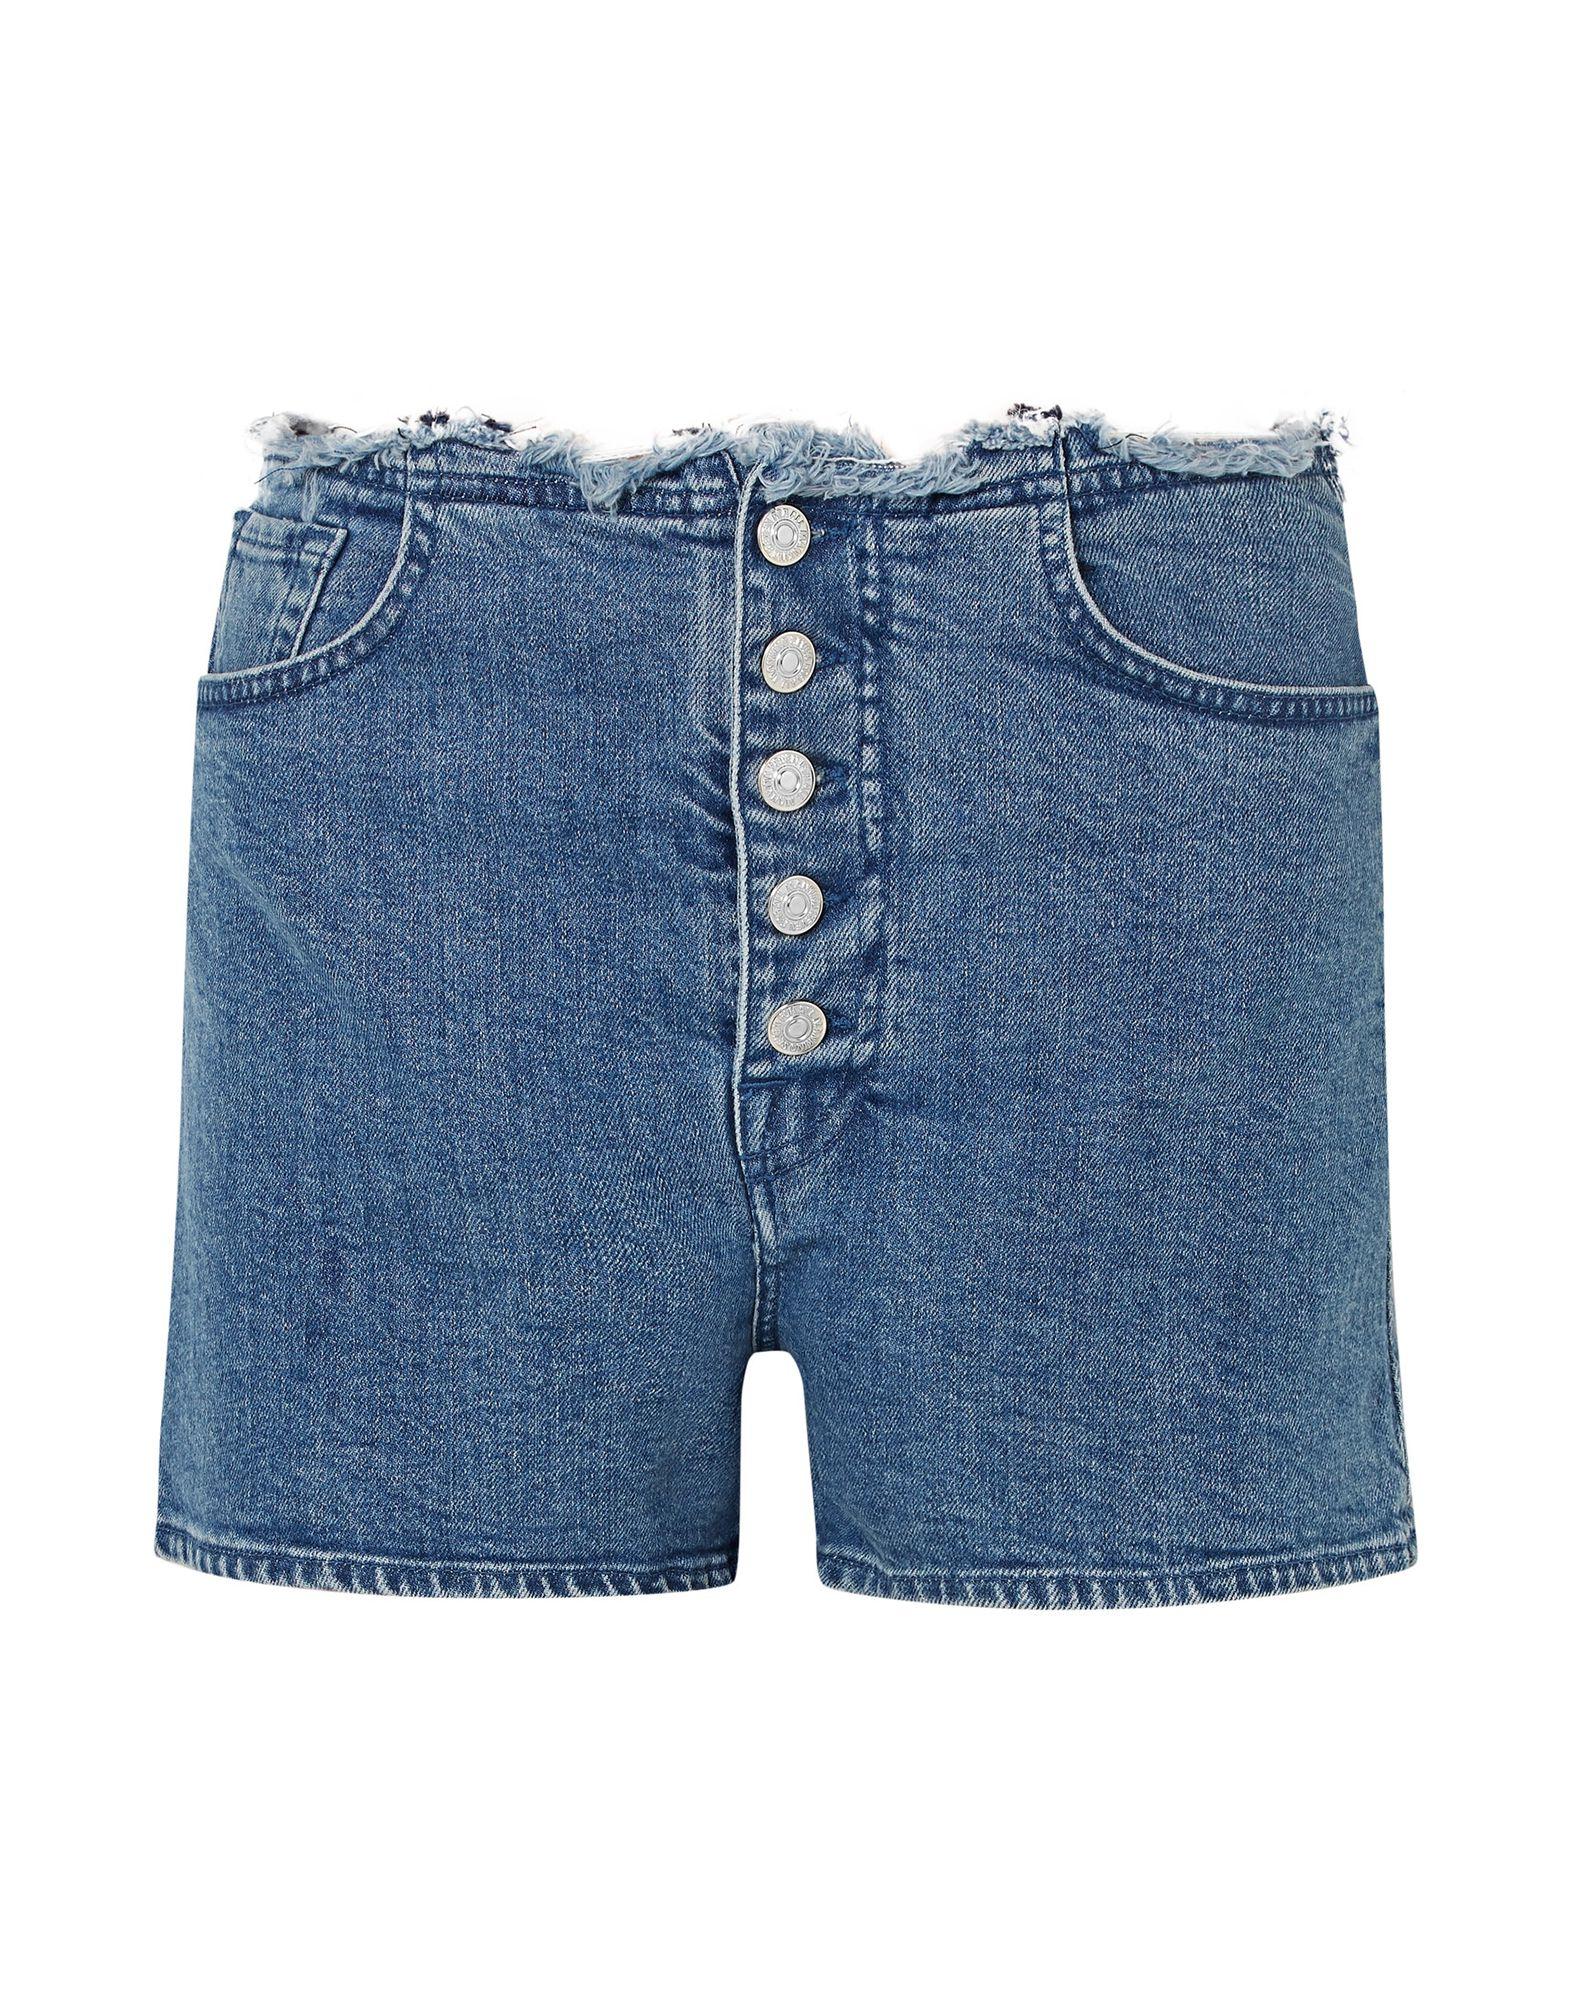 MARQUES' ALMEIDA x 7 FOR ALL MANKIND Джинсовые шорты marques almeida x yoox толстовка